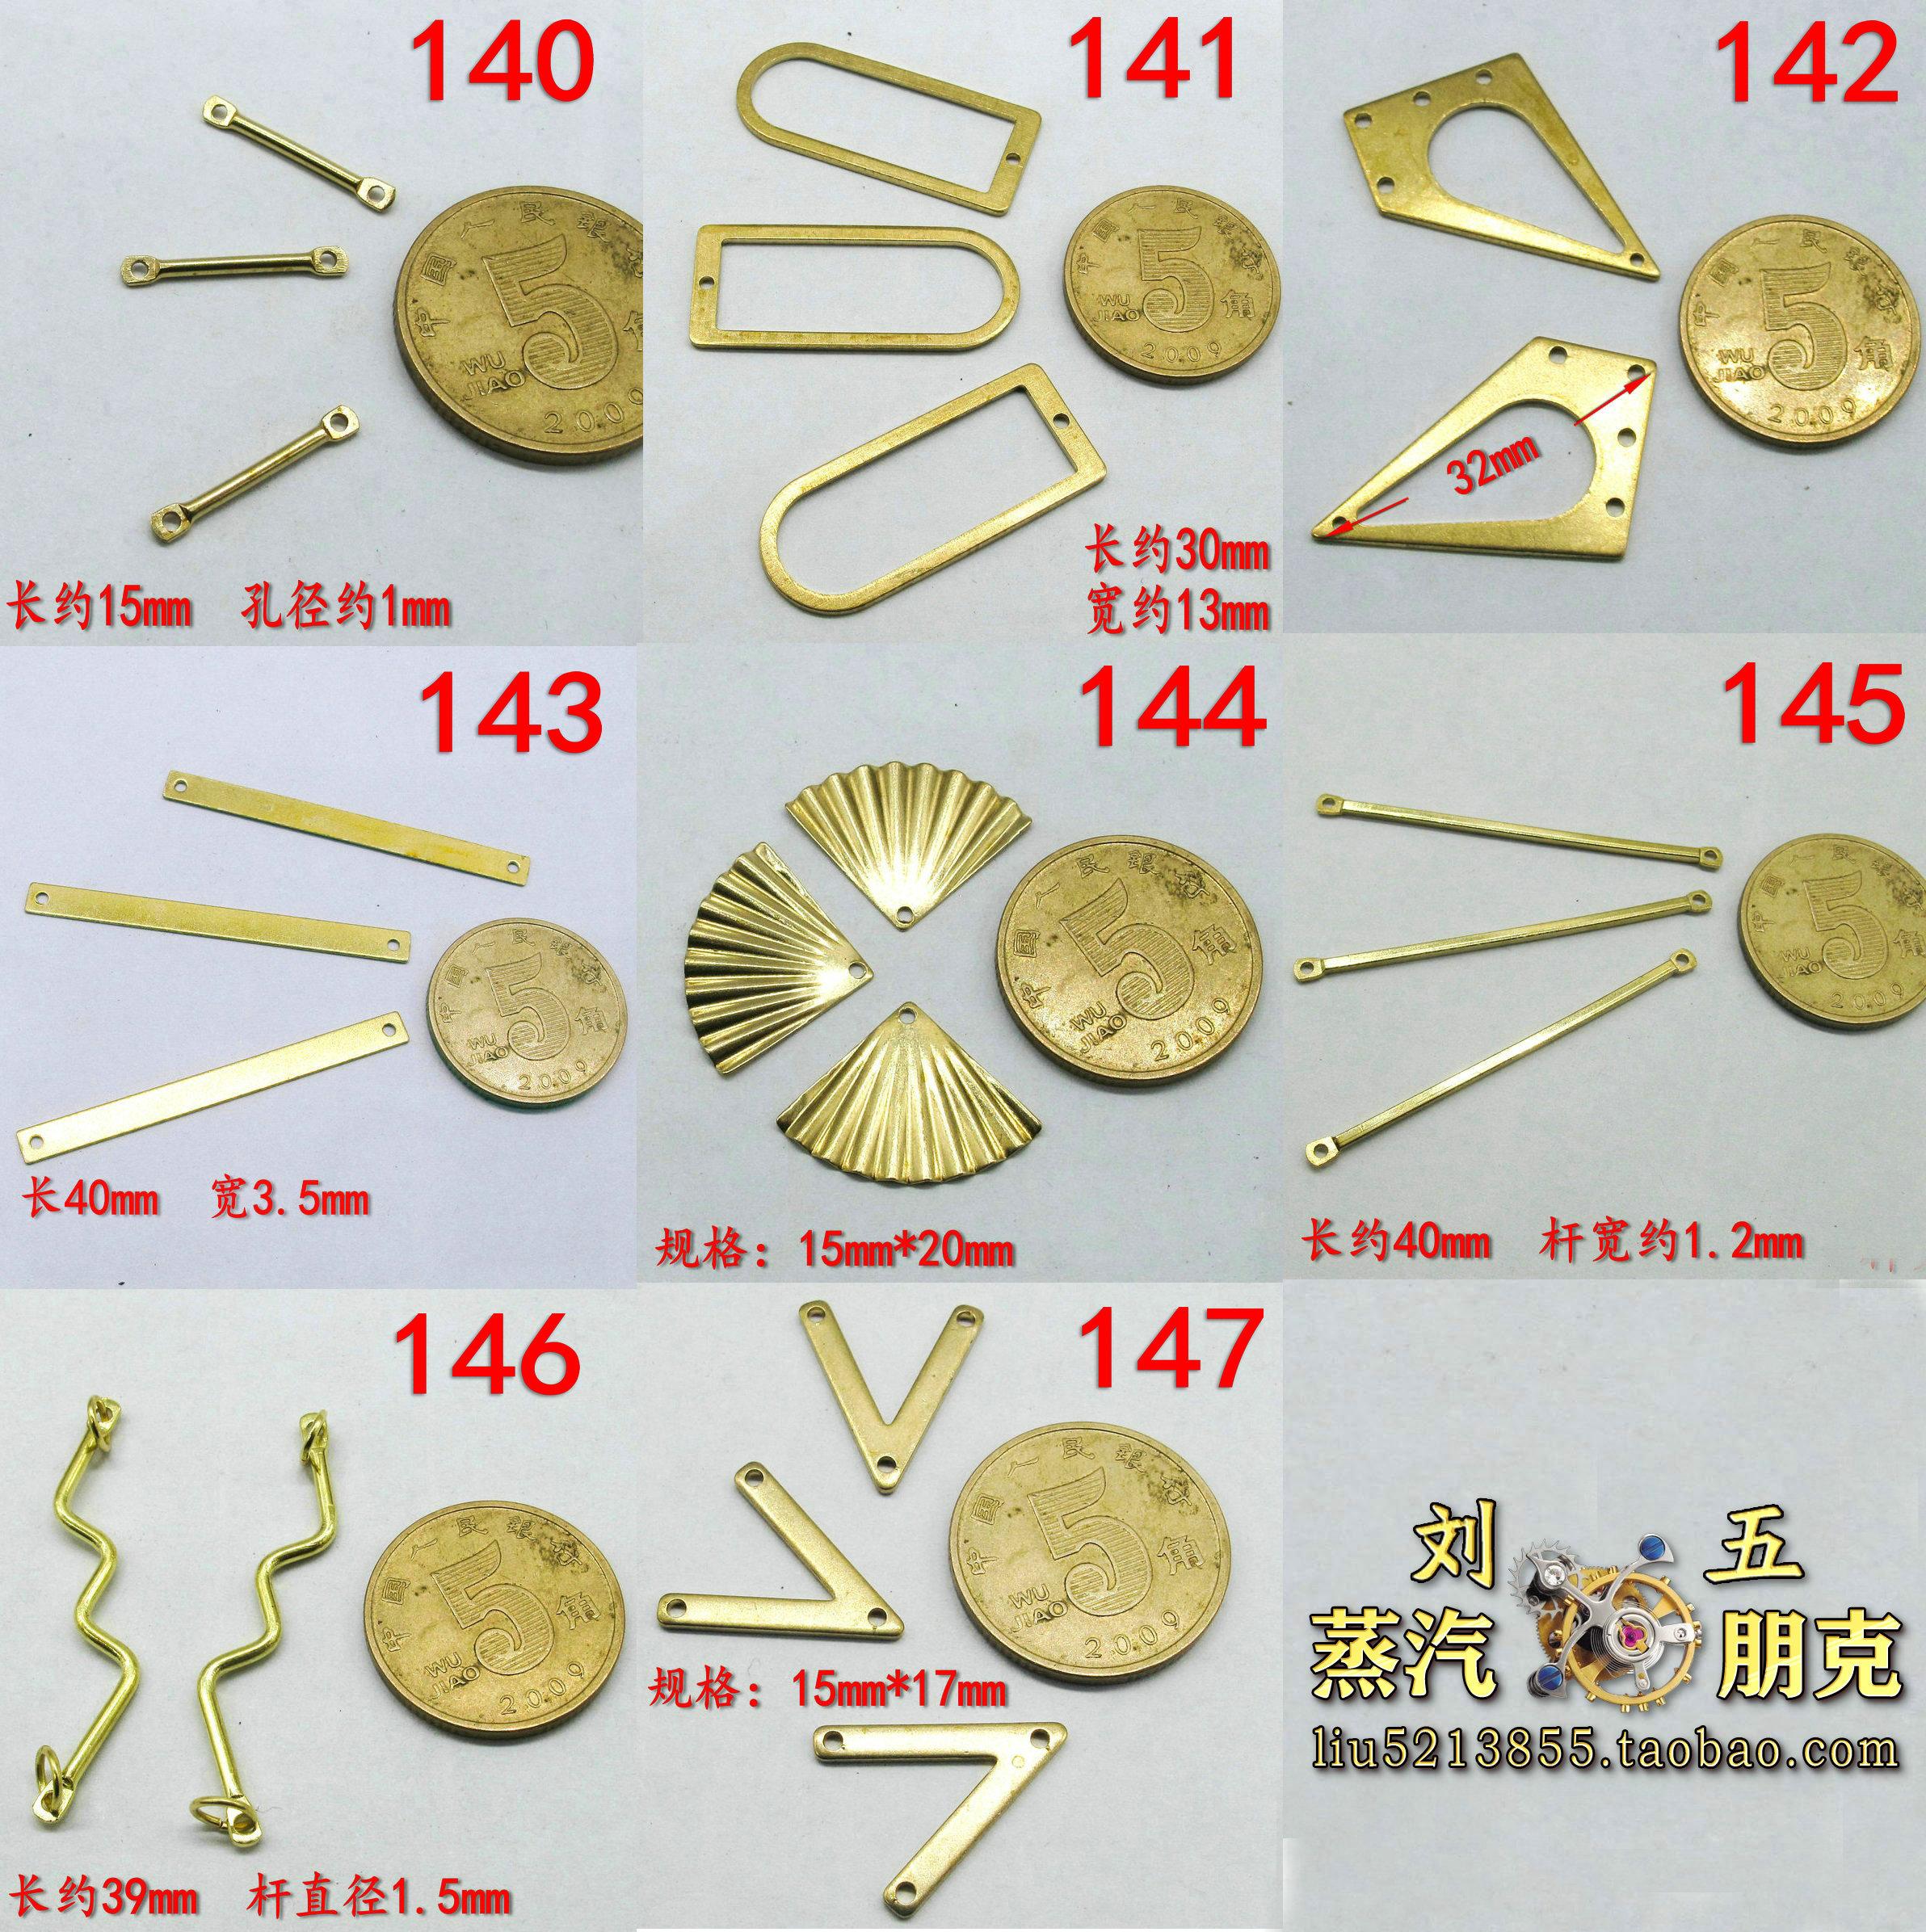 黄铜配件连接棒V字长条波浪扇形DIY手工蒸汽朋克吊坠U盘饰品配件